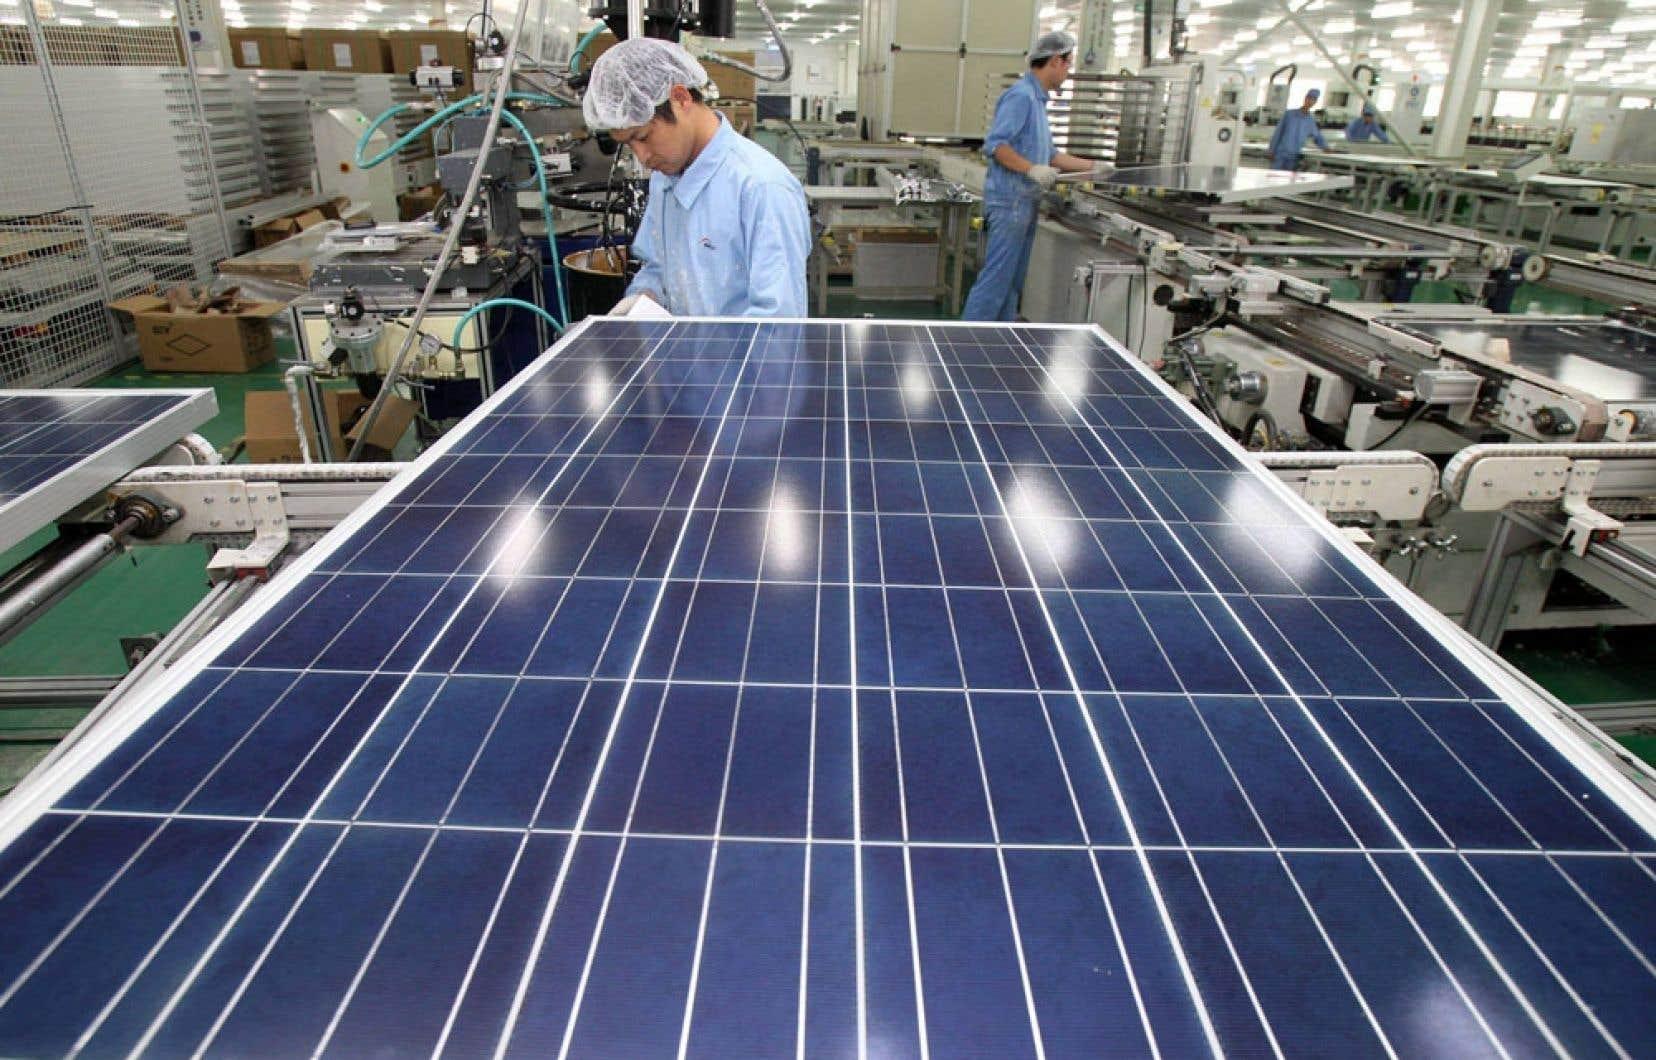 General Electric a revendu PrimeStar Solar, abandonnant ses prétentions dans le secteur de l'énergie solaire en raison de la chute des prix provoquée par les fabricants chinois.